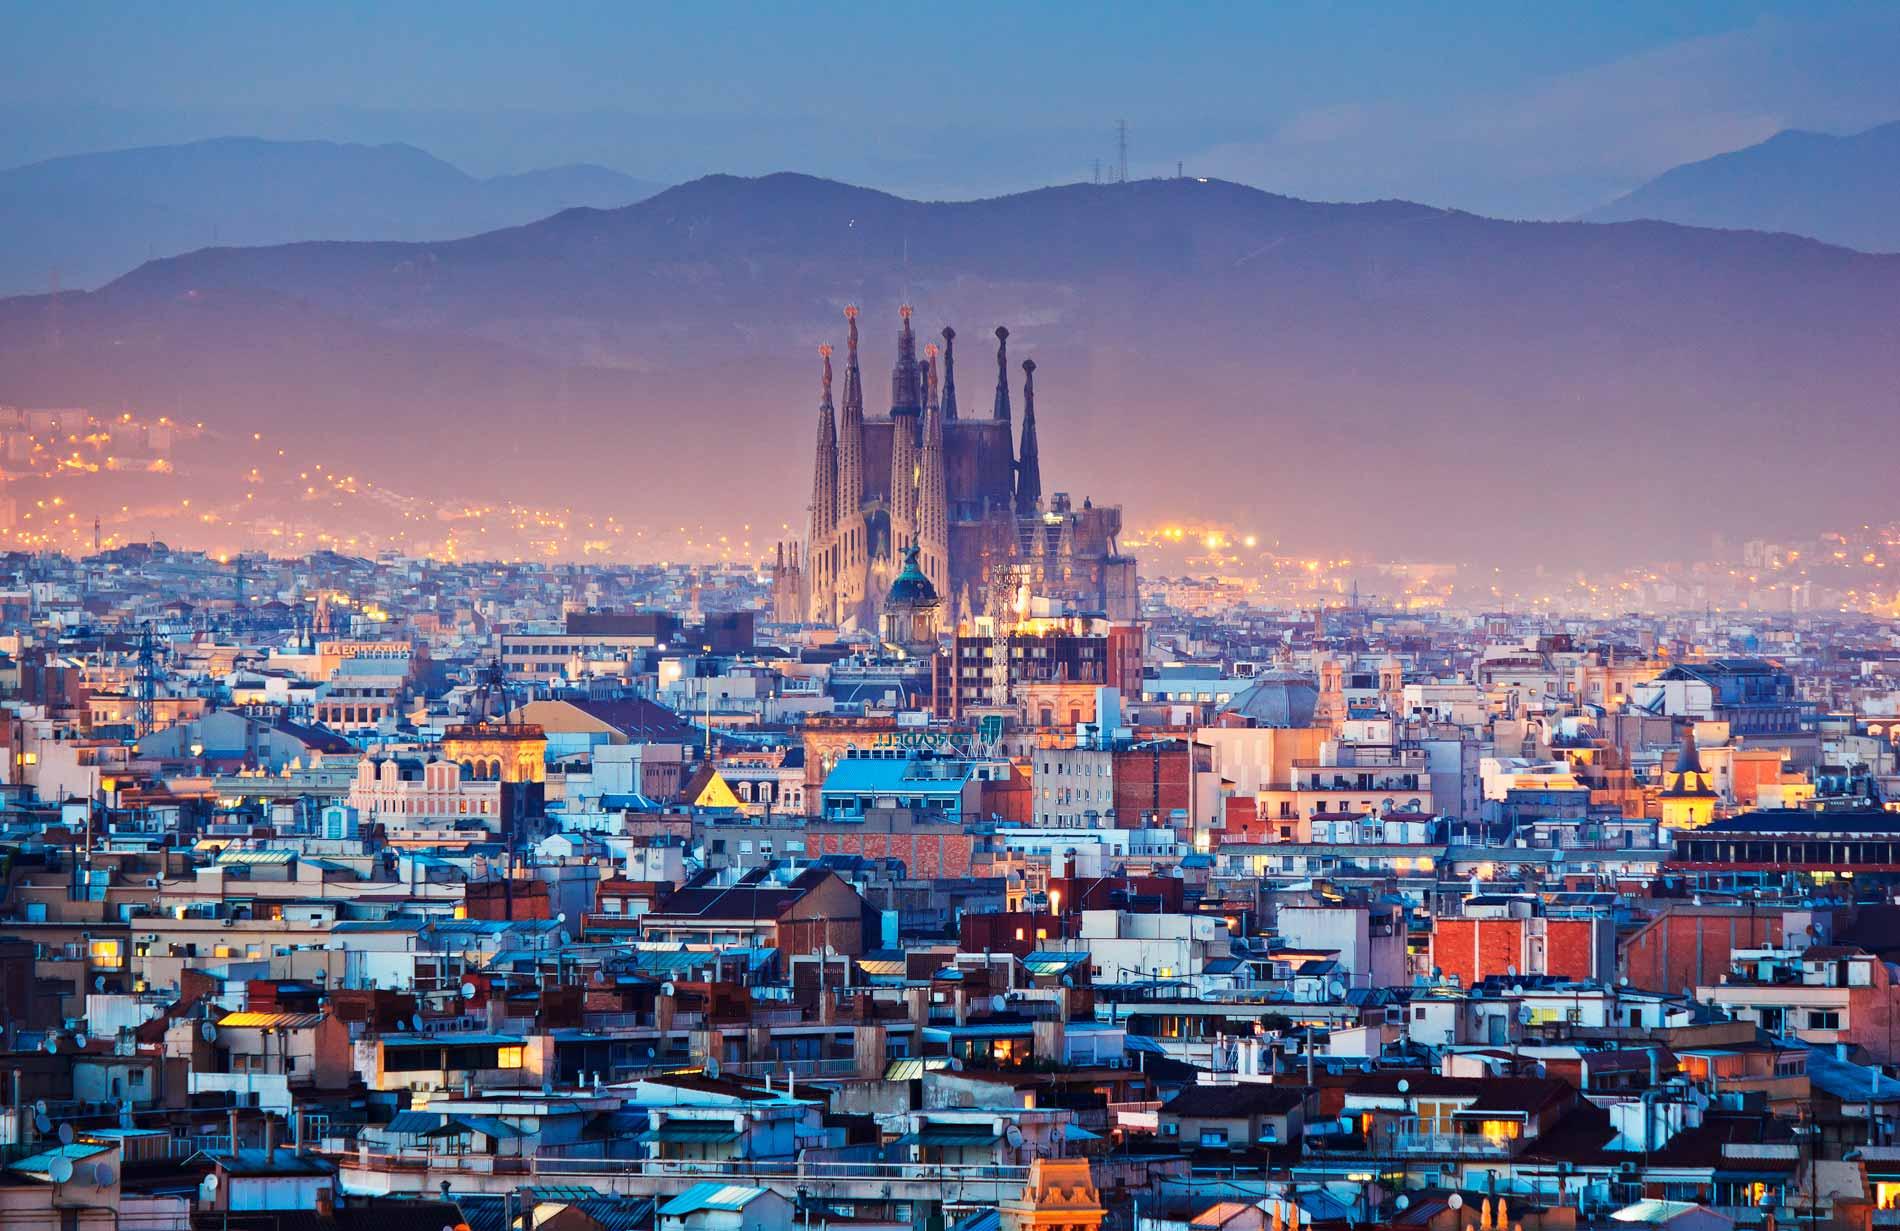 Photographie de Barcelone